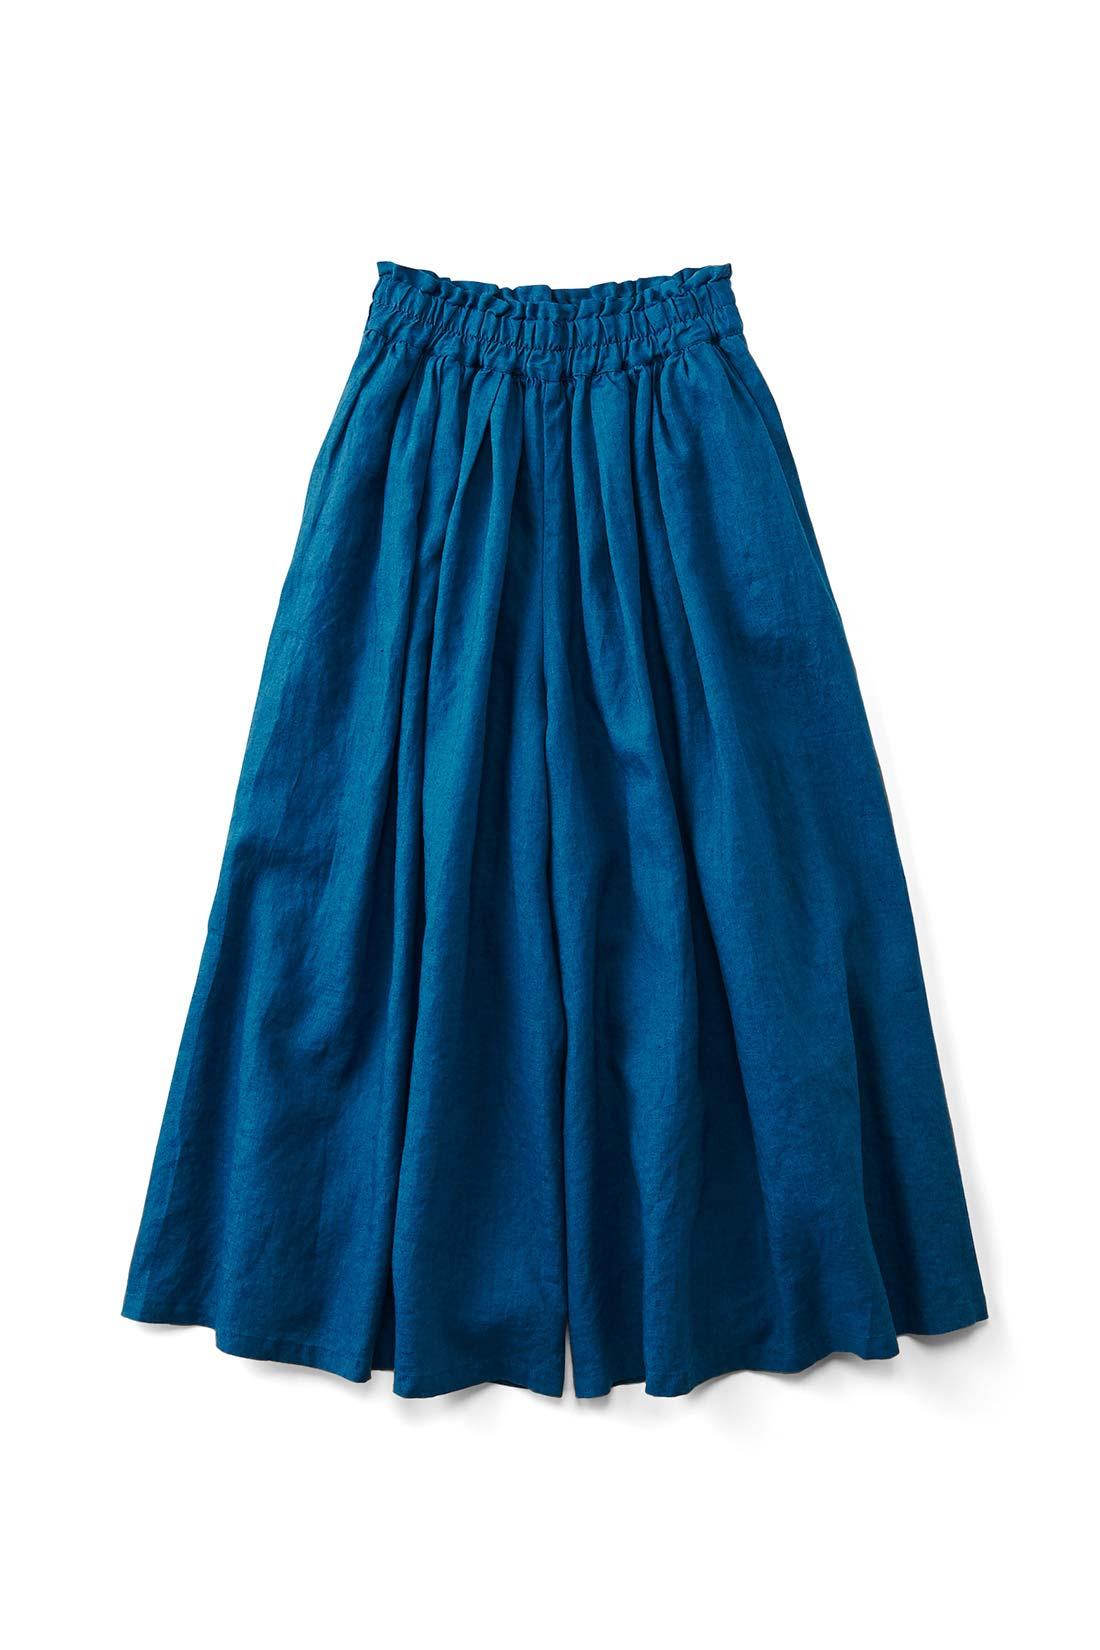 〈ディープブルー〉 スカートみたいに見えるけれど、実はパンツっていうのがいいでしょ。